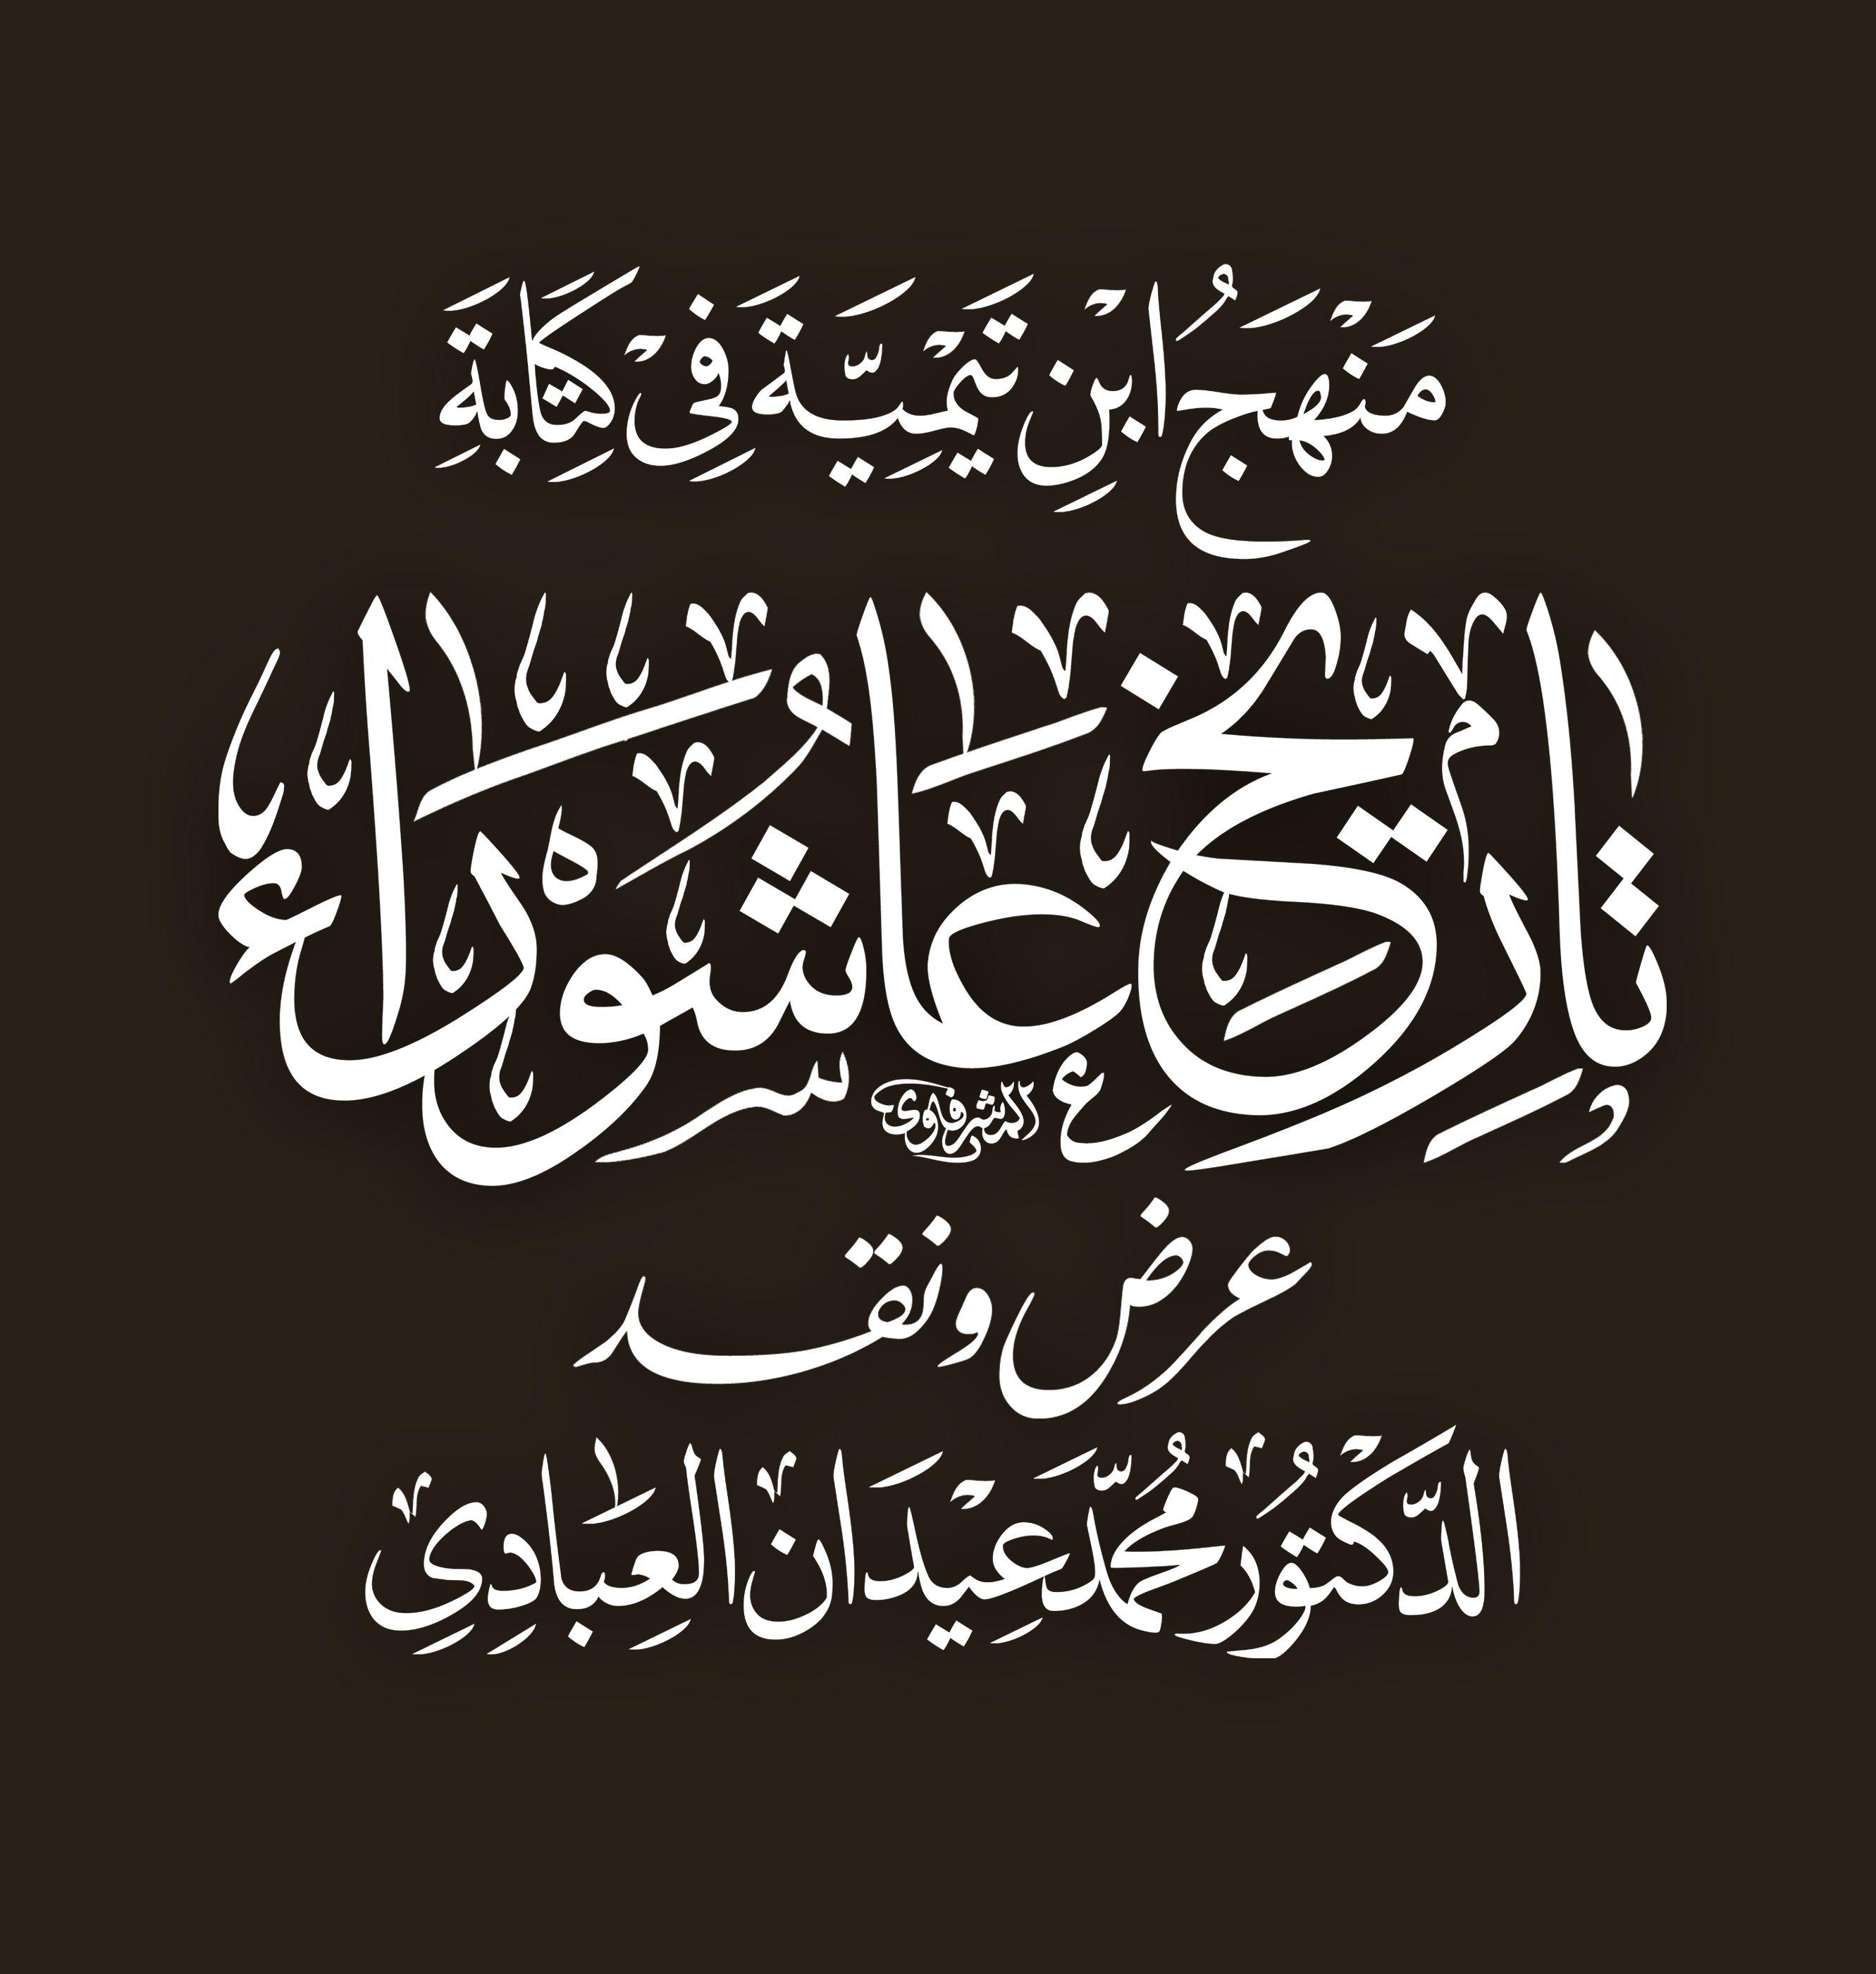 تاريخ عاشوراء الخطاط المشرفاوي Arabic Calligraphy Calligraphy